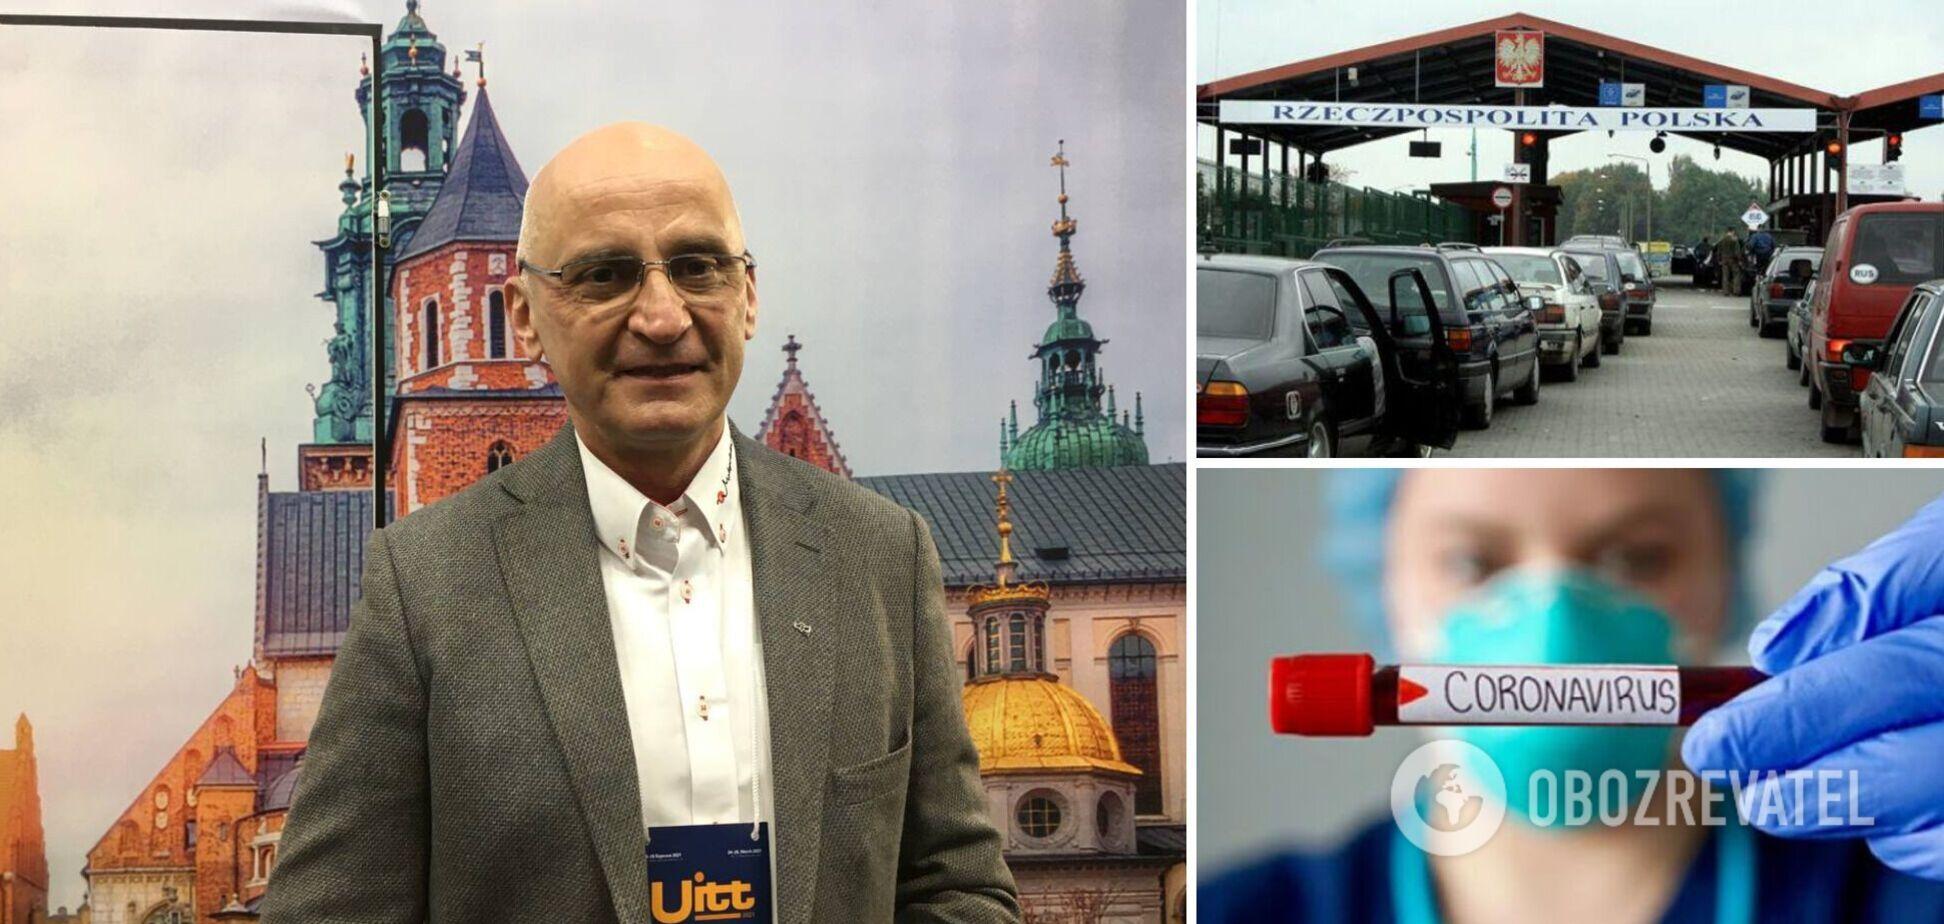 Польща чекає на українців: кому, коли та на яких умовах дозволять в'їзд у країну